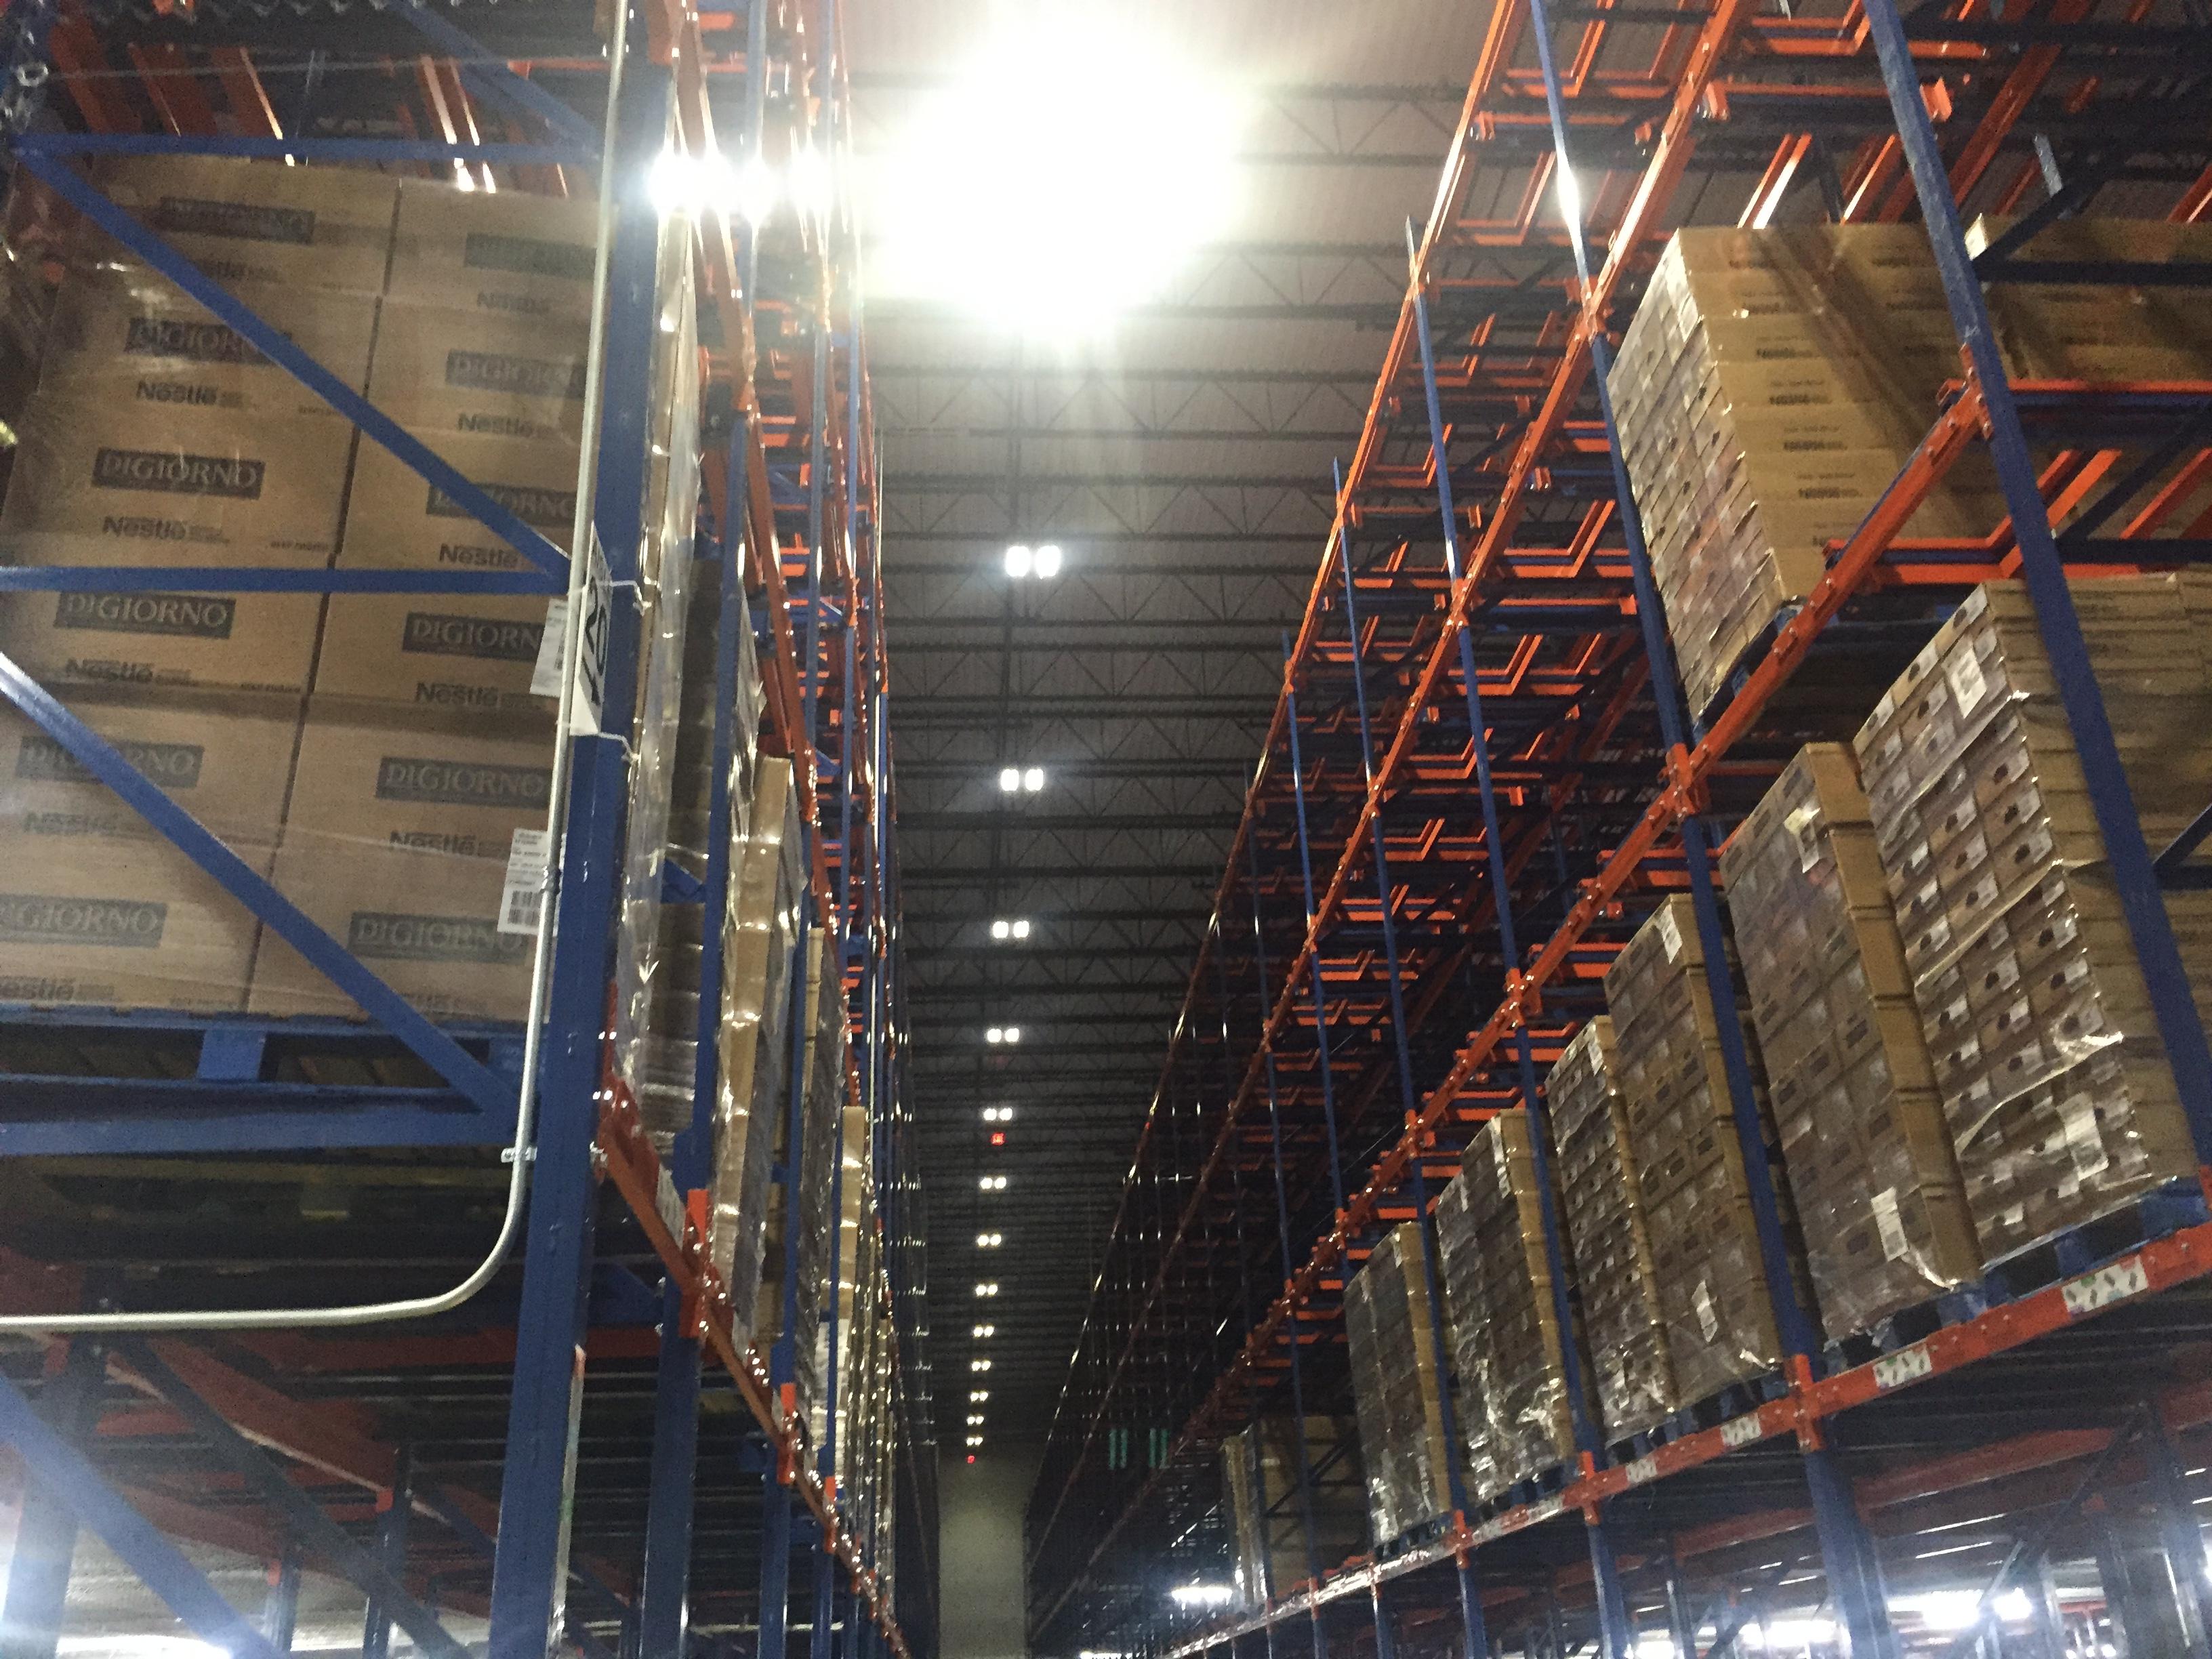 Nestle Edgewood Electric